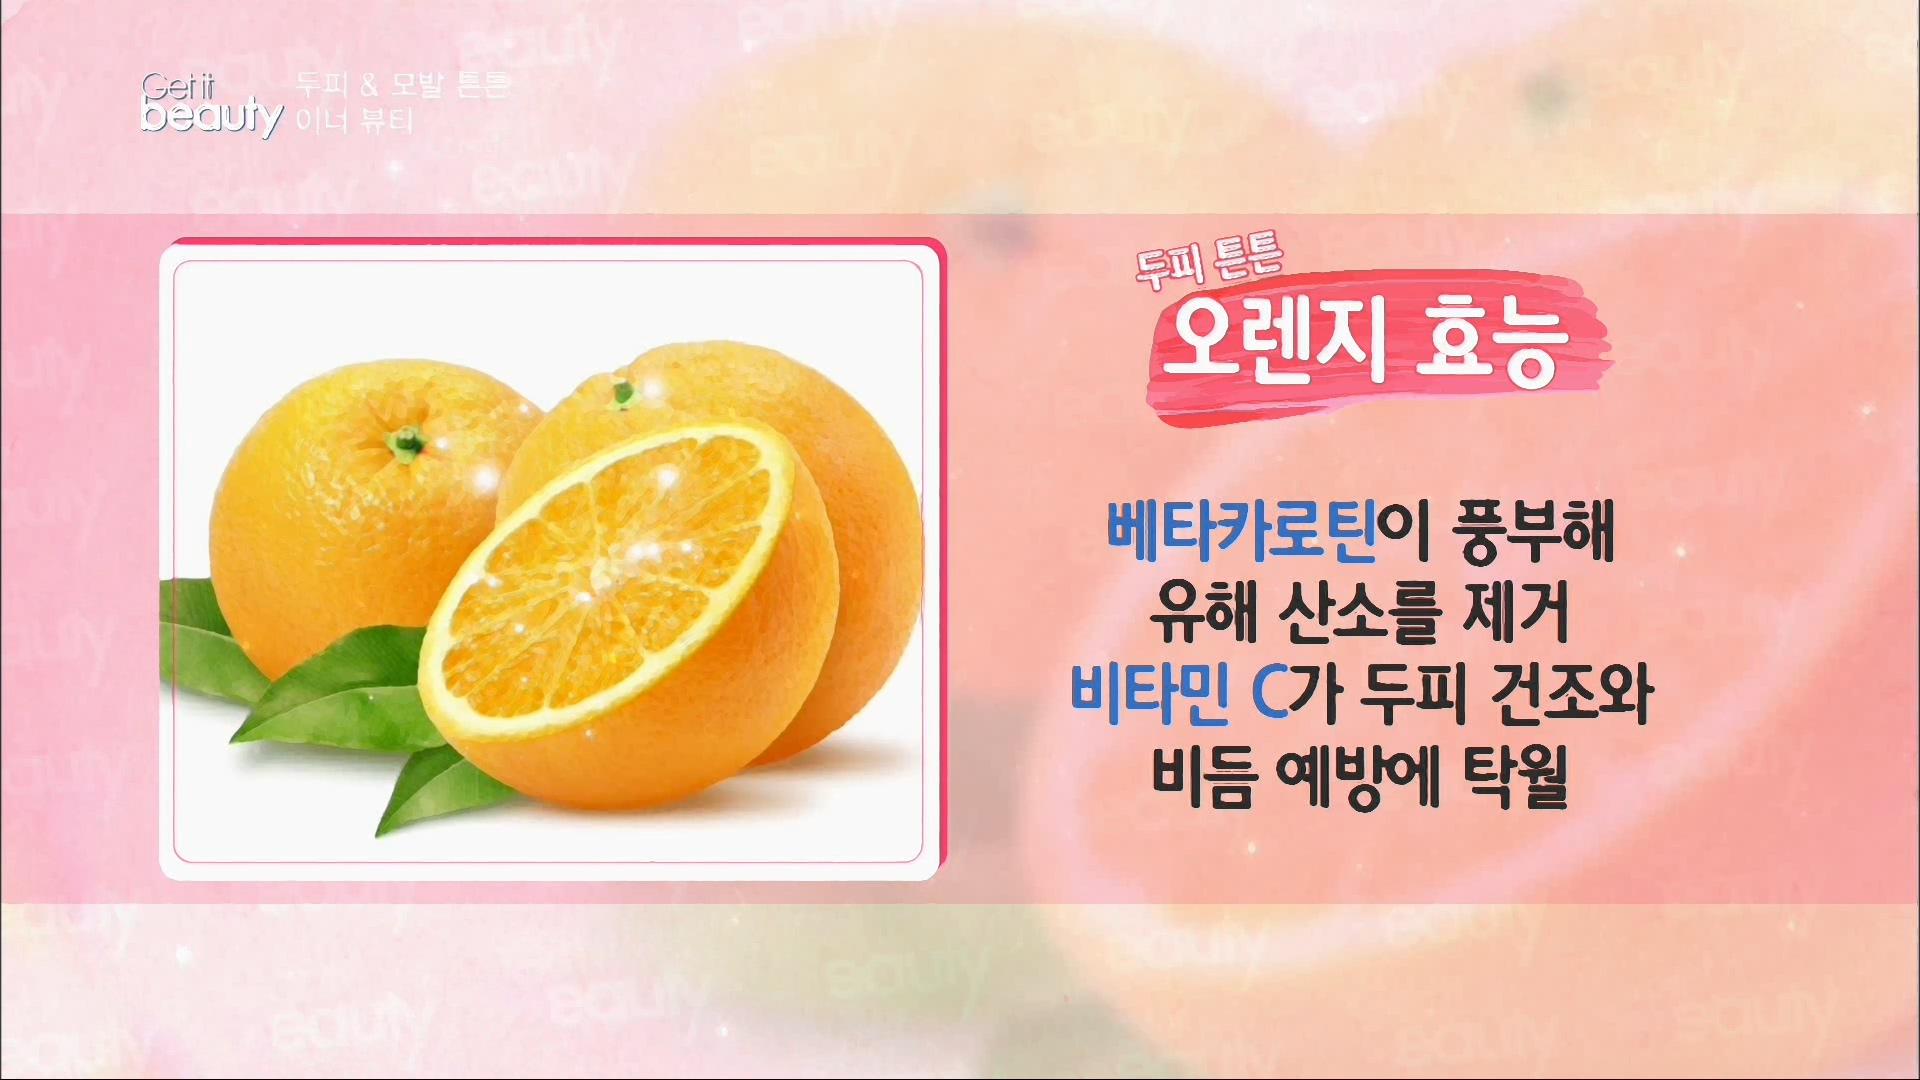 오렌지의 효능은 베타카로틴이 풍부해 유해 산소를 제가하고 비타민C가 두피 건조와 비듬 예방에 탁월해요